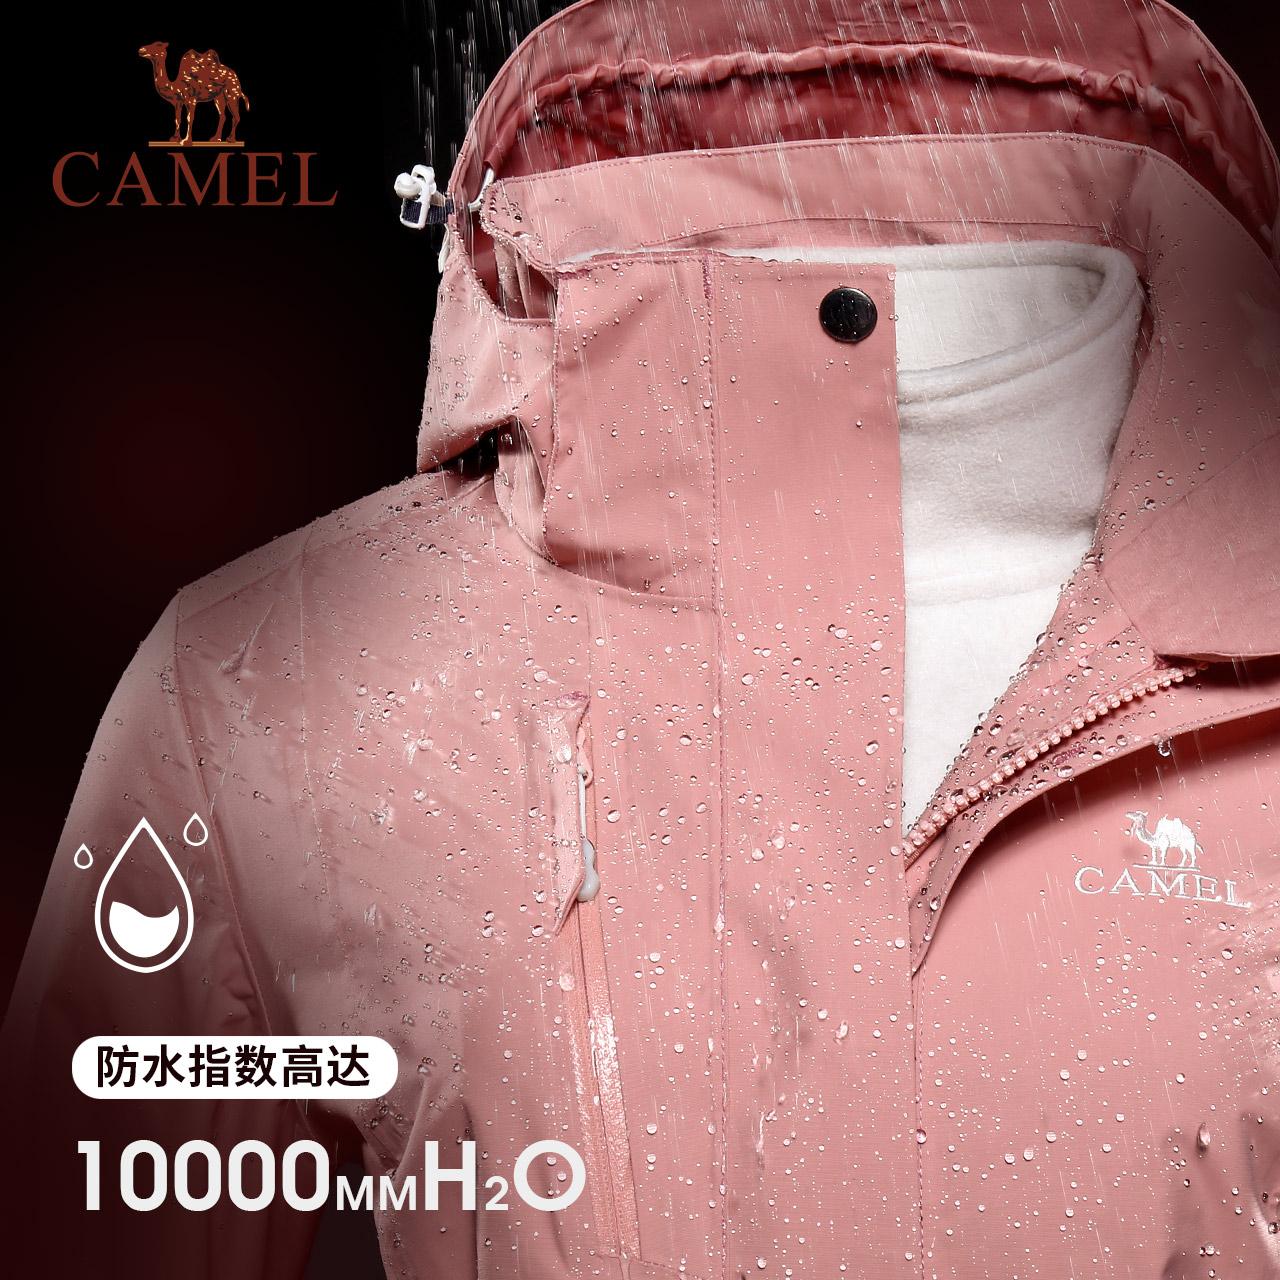 骆驼冲锋衣男女装潮牌三合一可拆卸加绒加厚防风外套女士户外服装